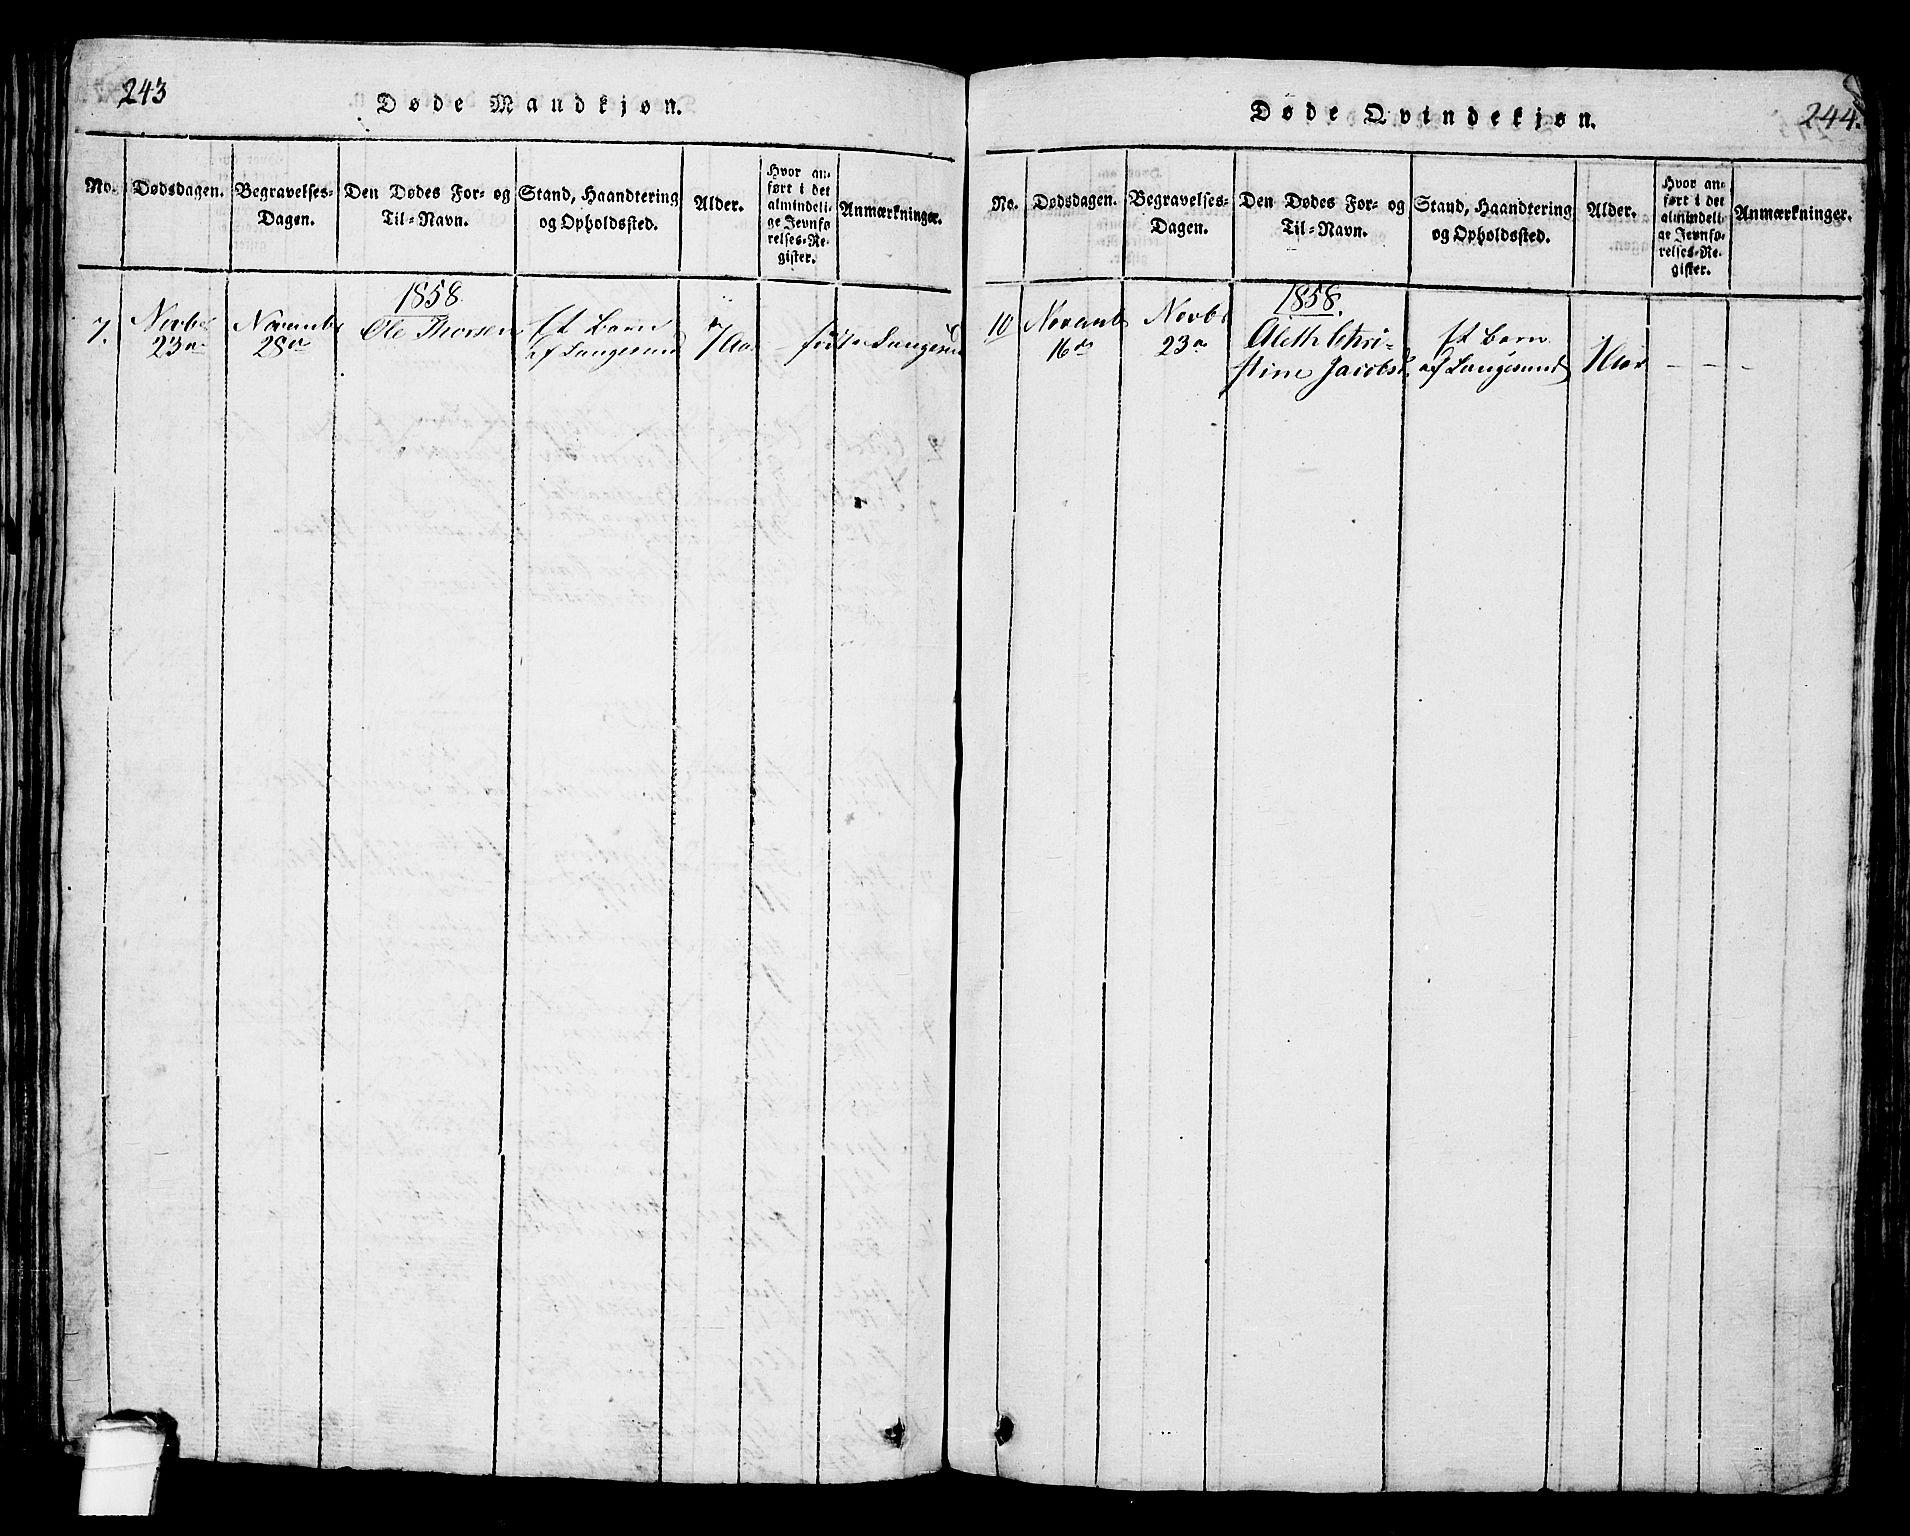 SAKO, Langesund kirkebøker, G/Ga/L0003: Klokkerbok nr. 3, 1815-1858, s. 243-244